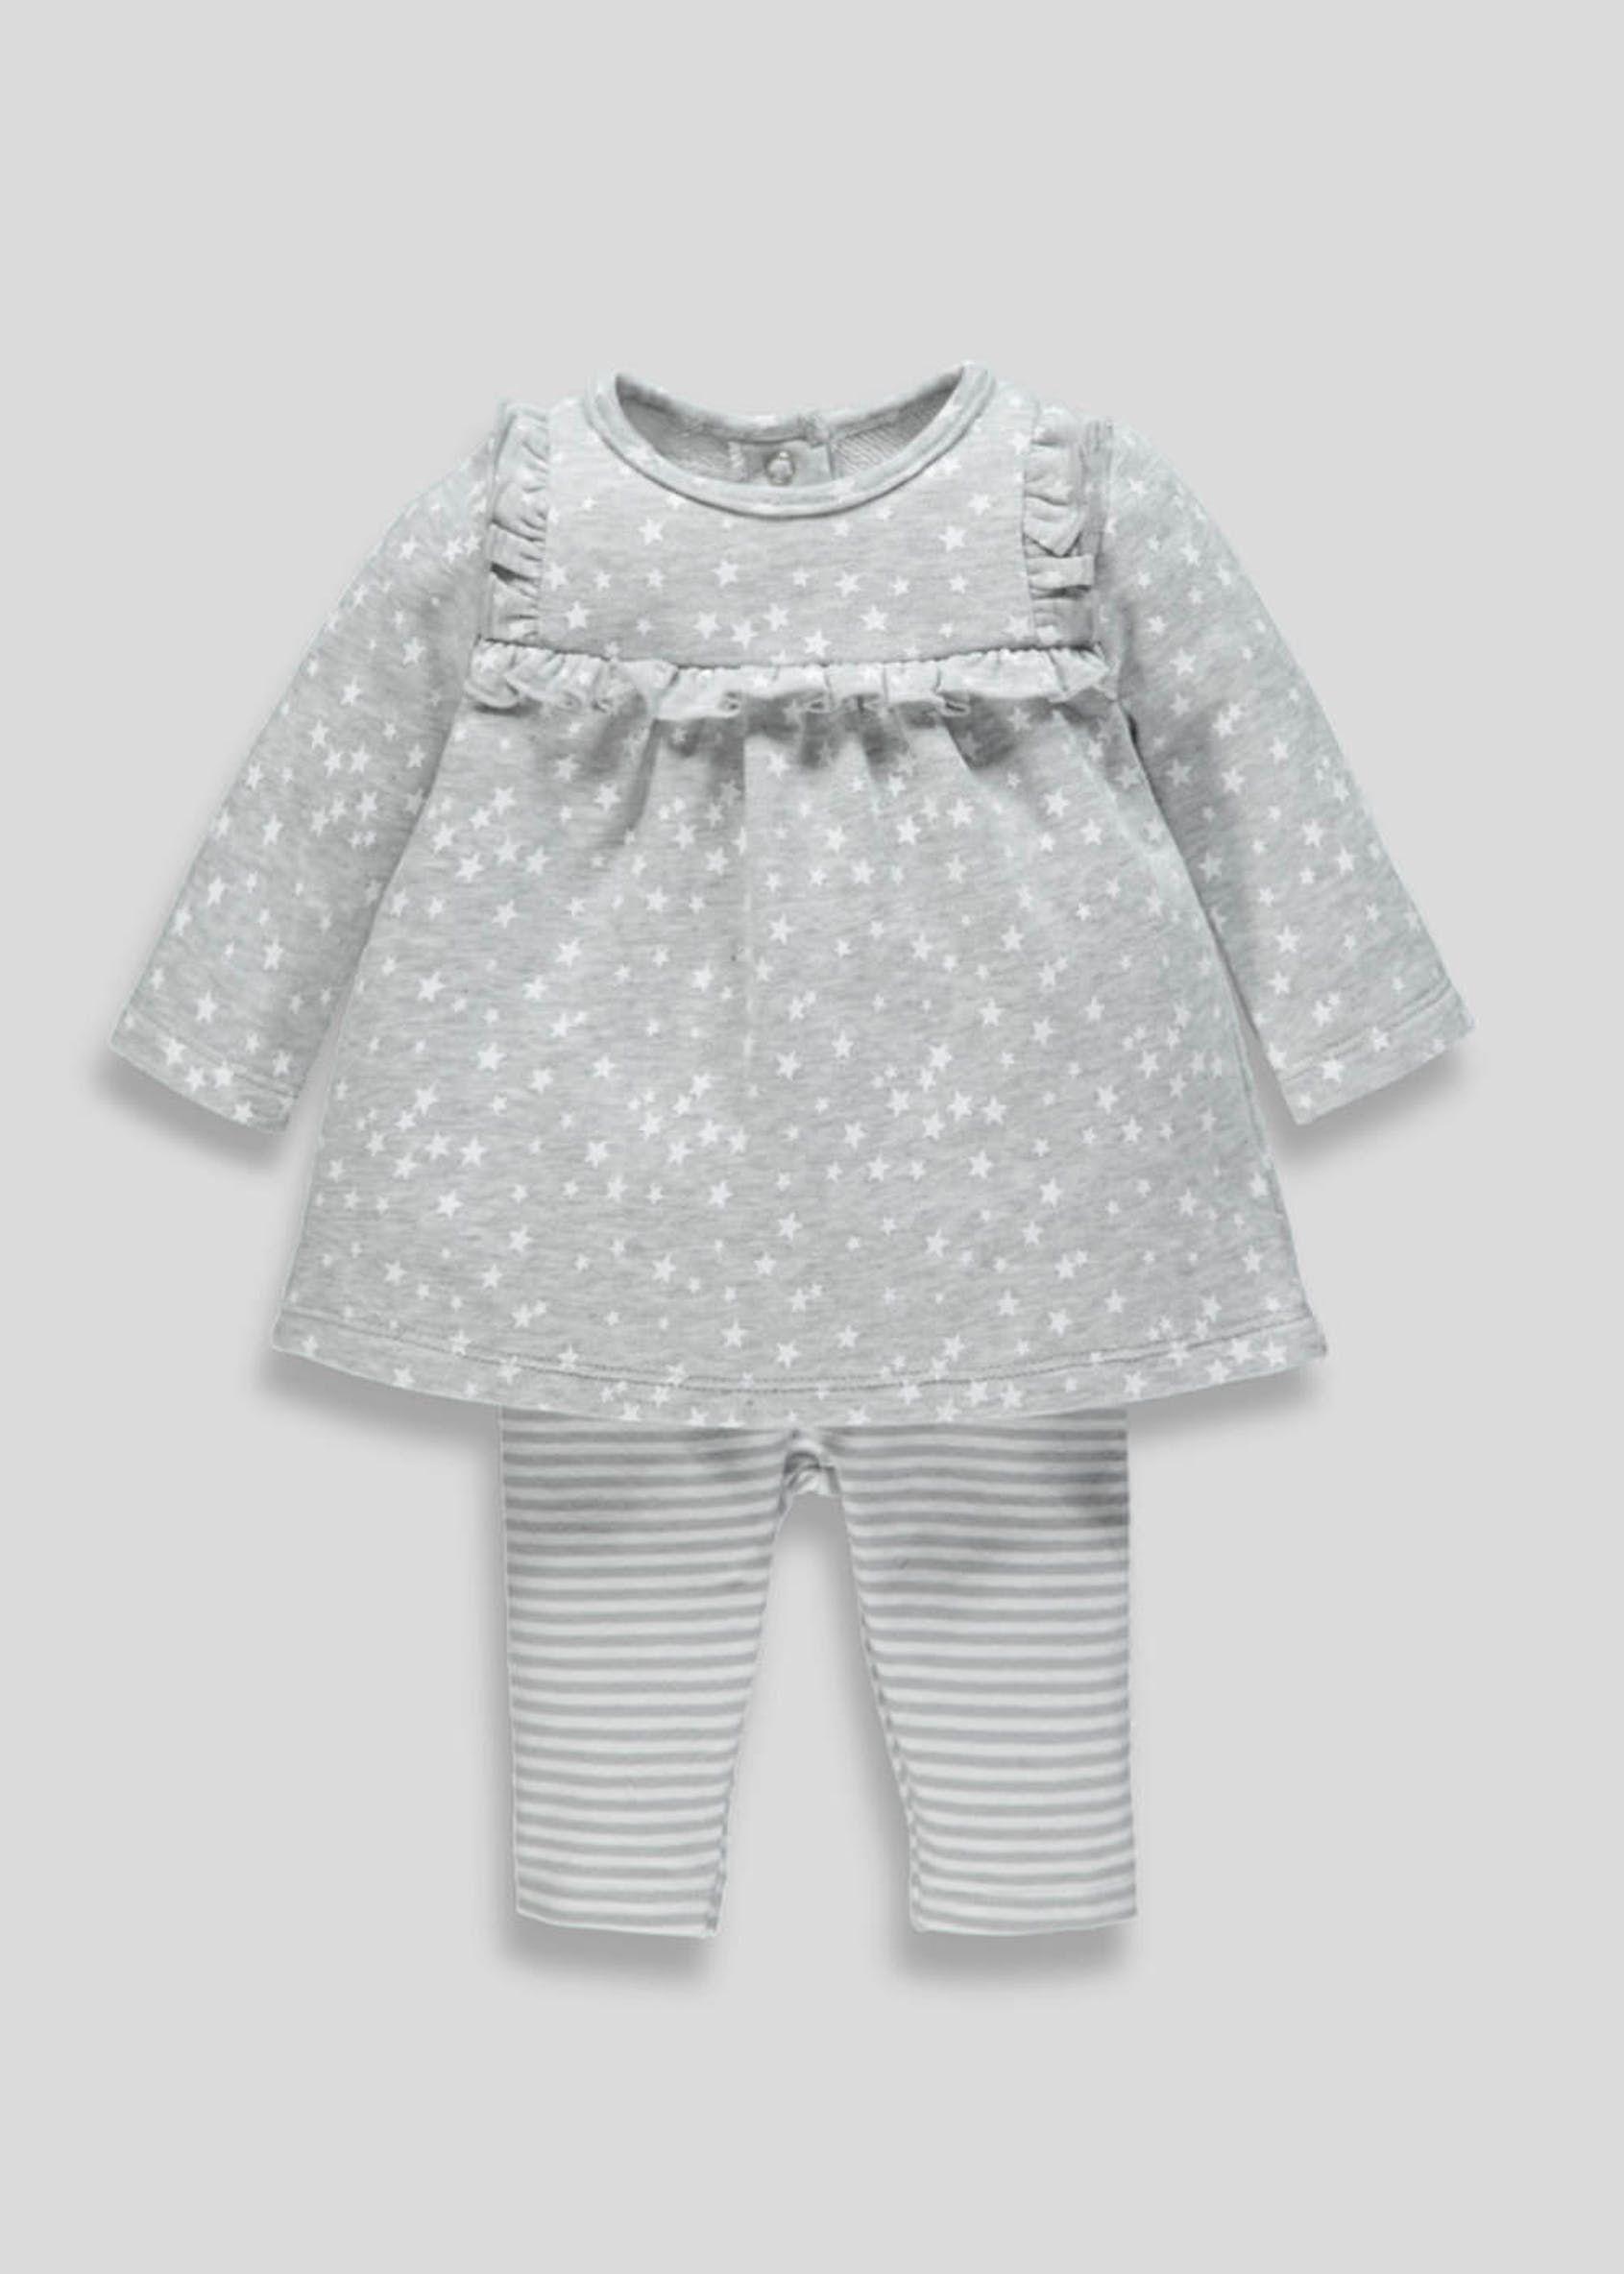 4e8a8970a2e2 Girls Dress   Leggings Set (Newborn-18mths) – Grey